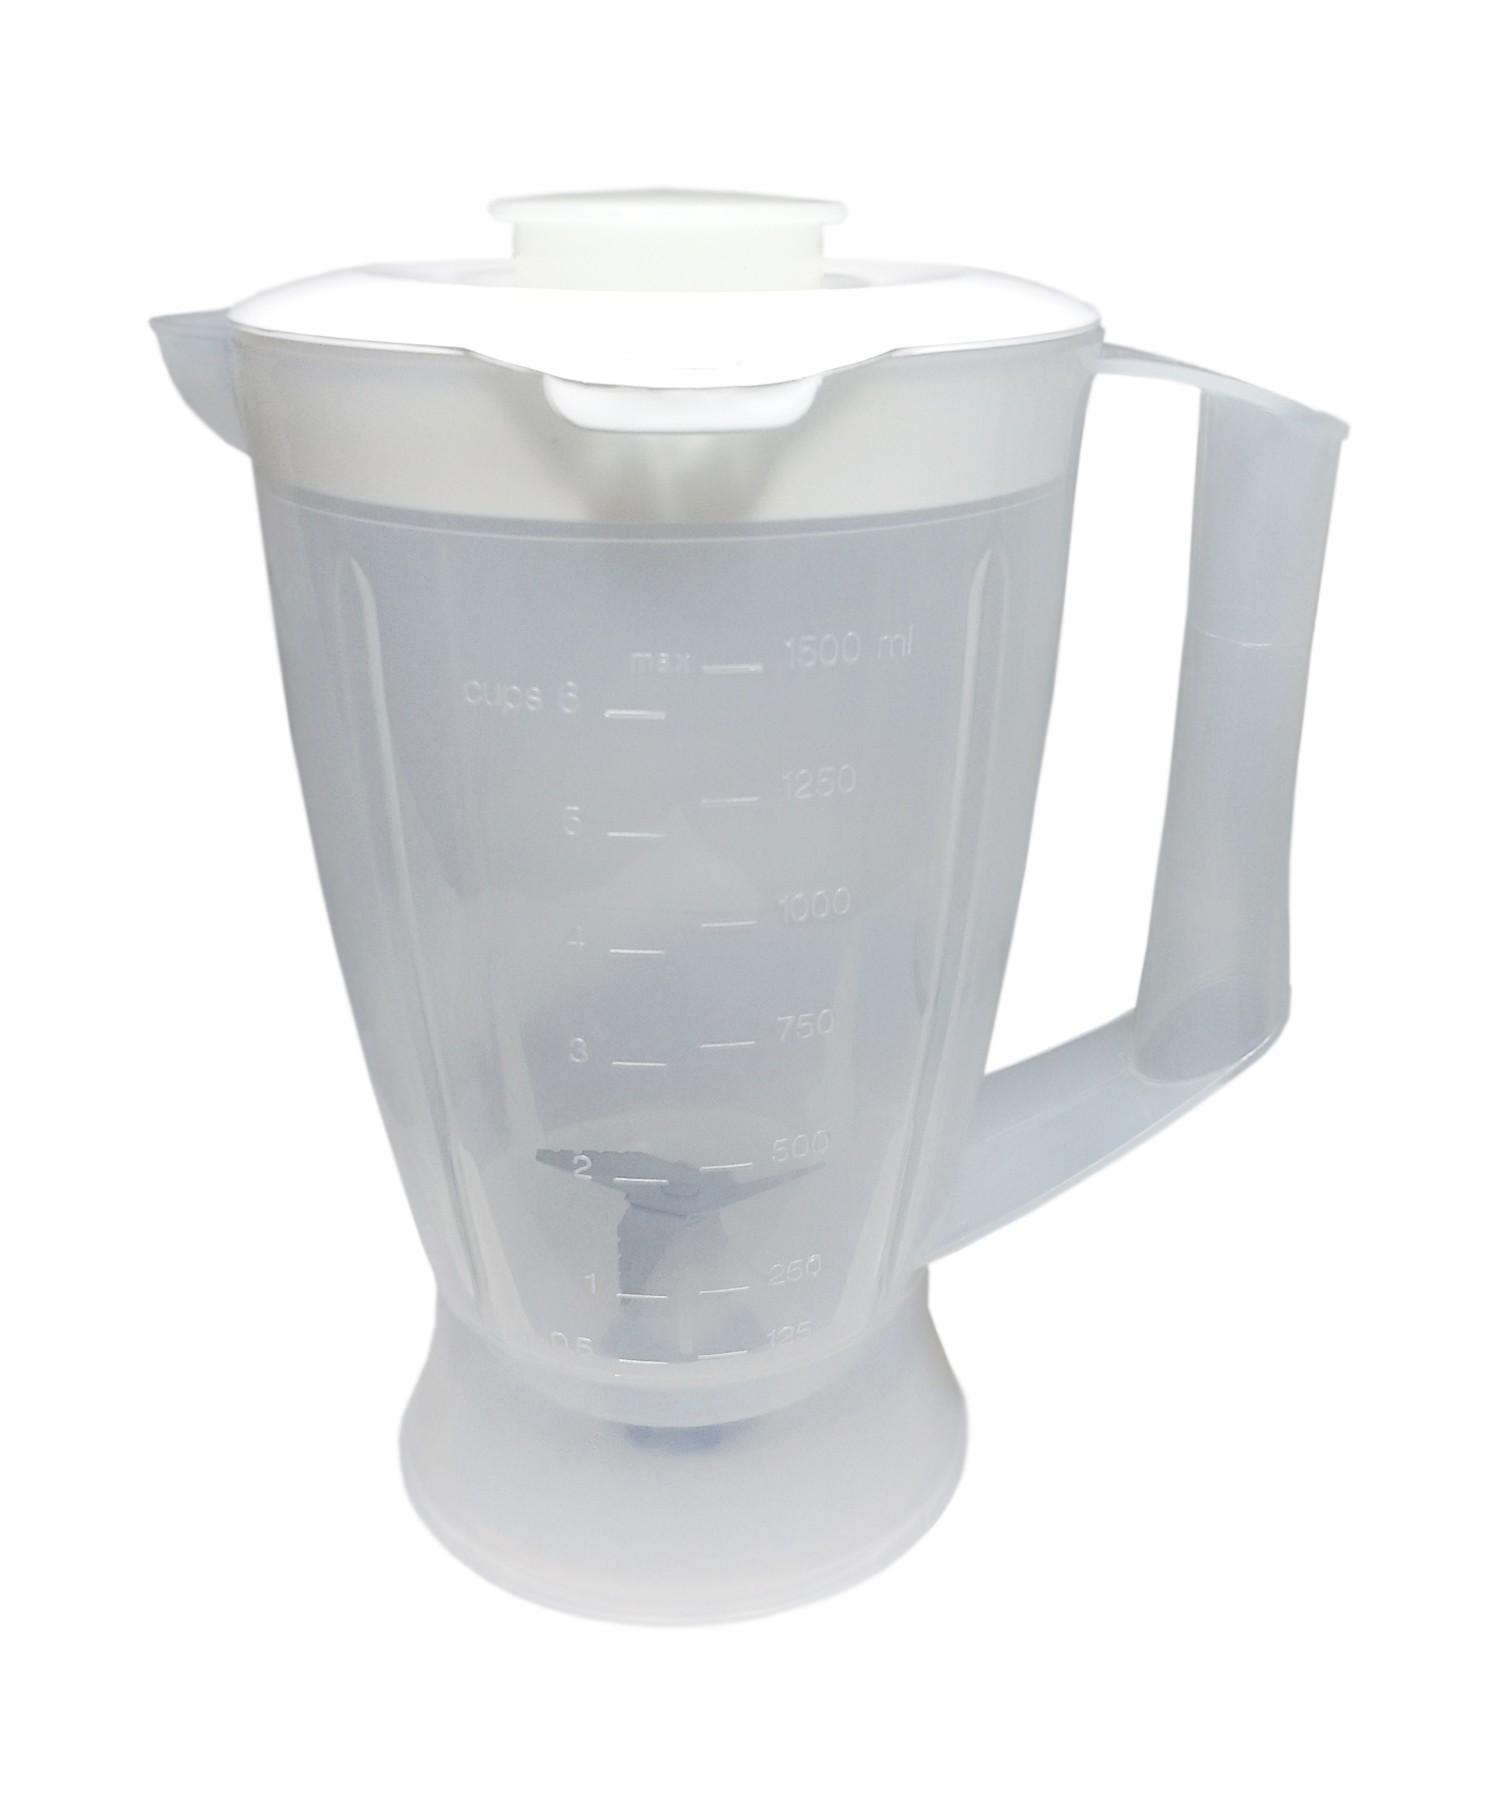 Copo para Liquidificador Walita Liq Faz Translúcido - Micromax